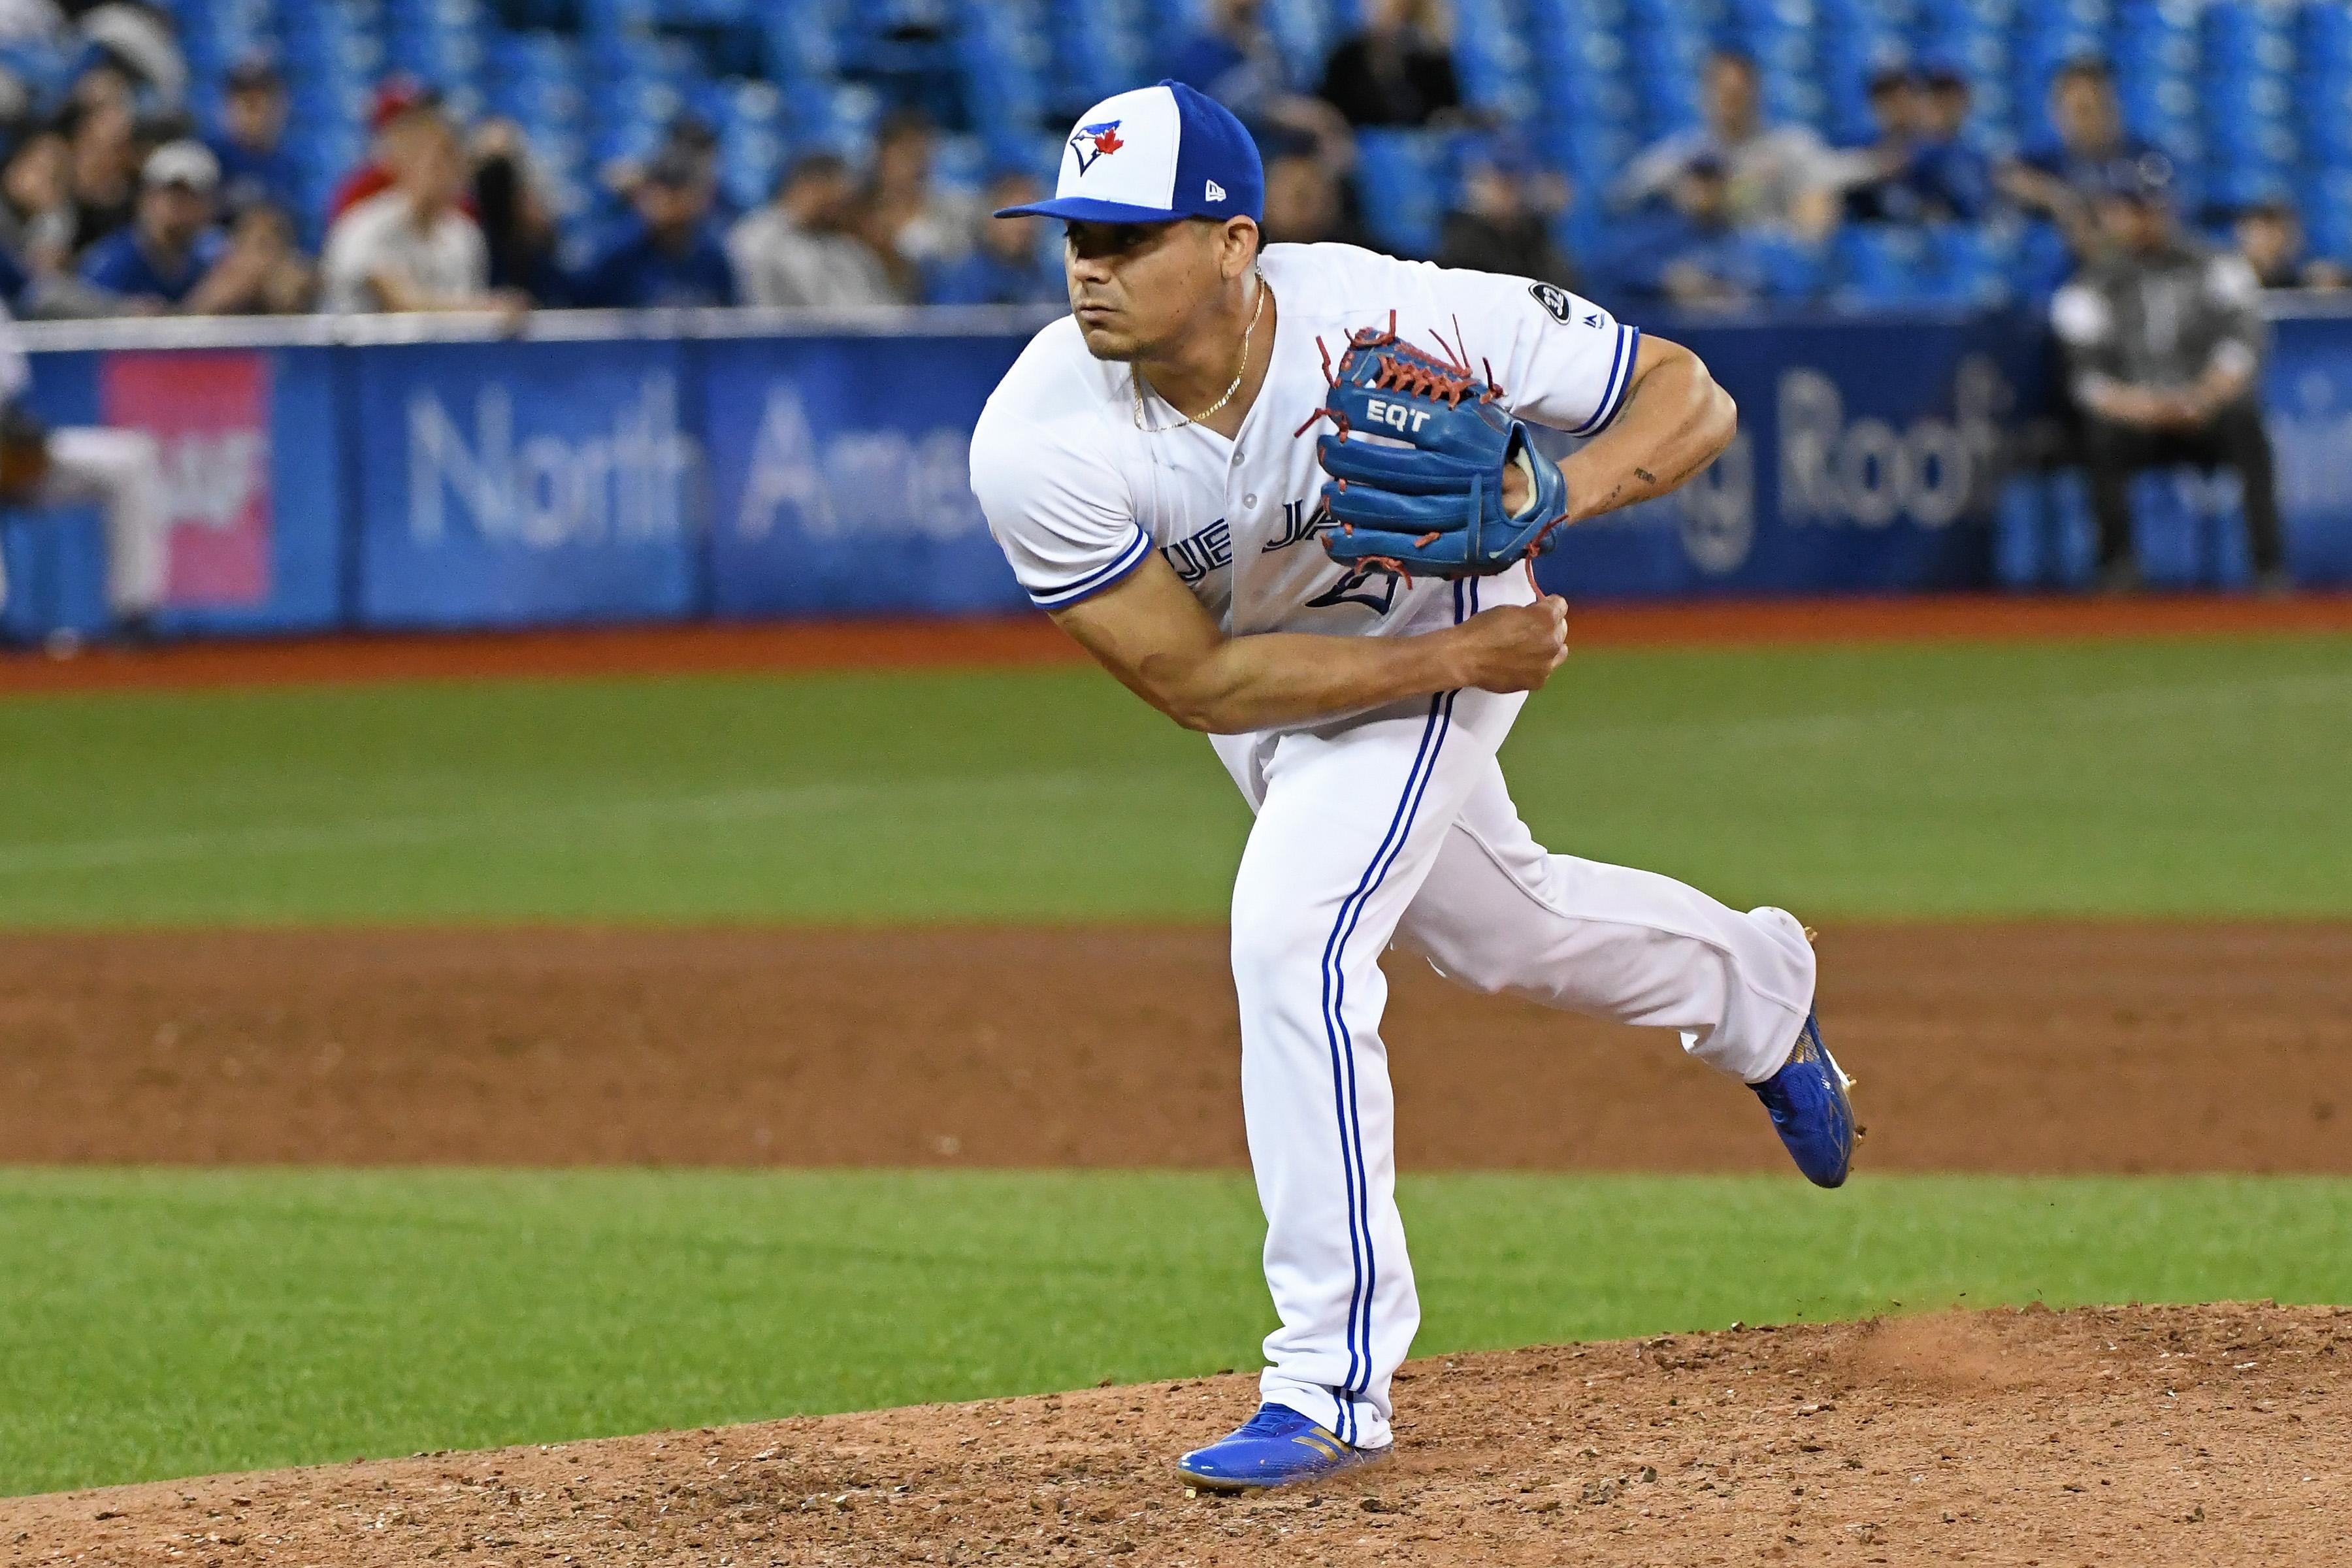 MLB: Game Two-Kansas City Royals at Toronto Blue Jays